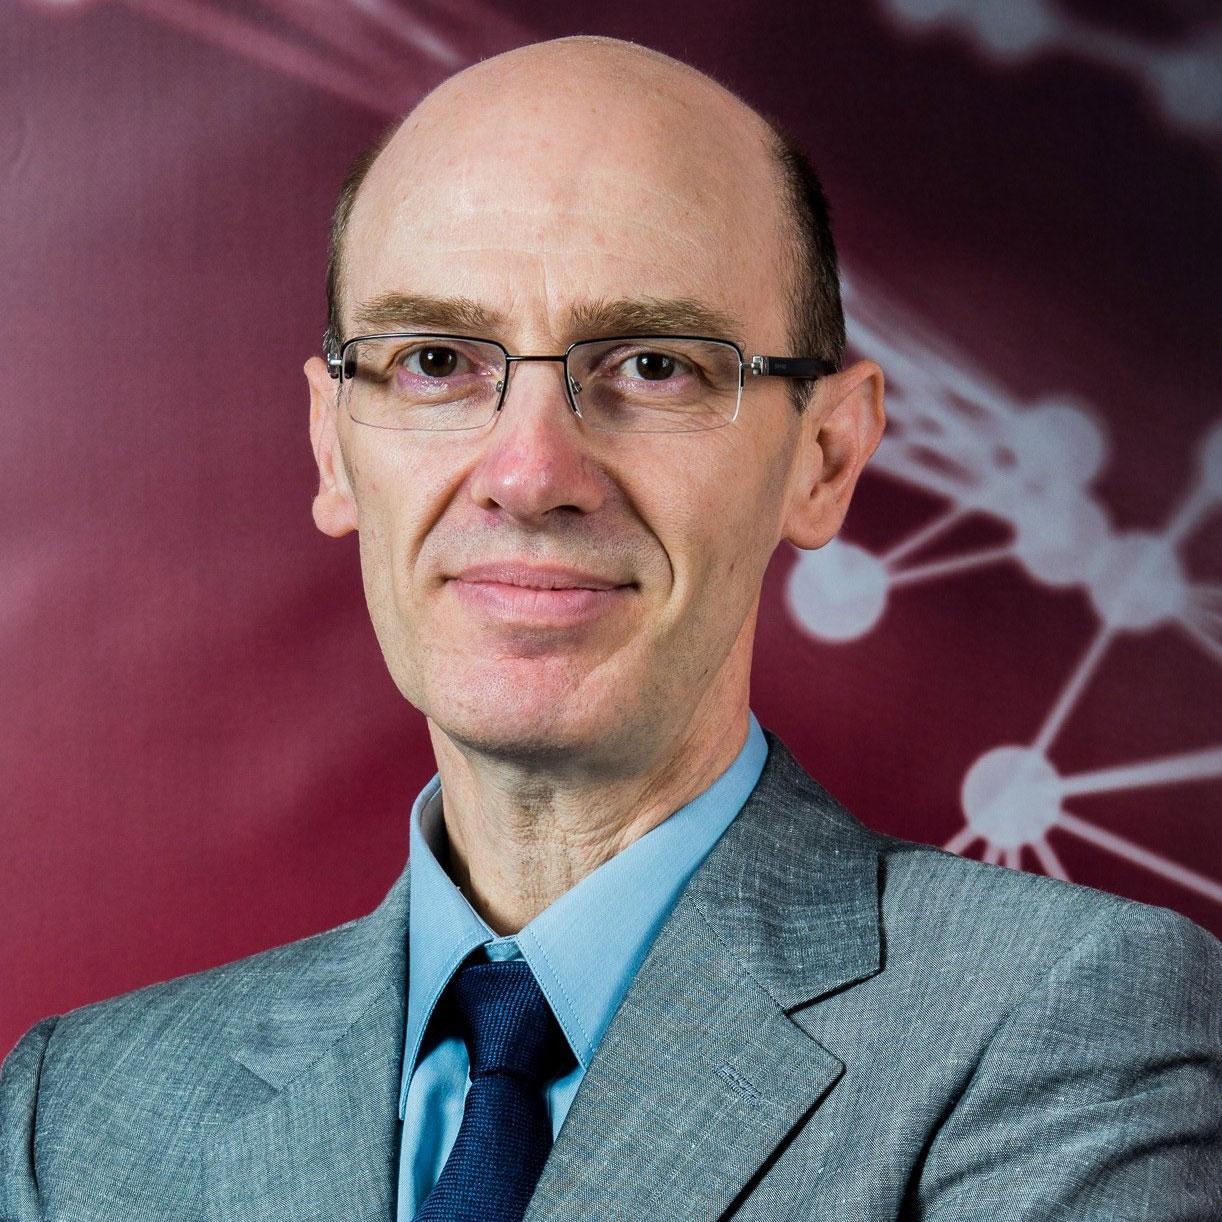 Giuseppe Magni, Direttore Marketing di Fujitsu Italia